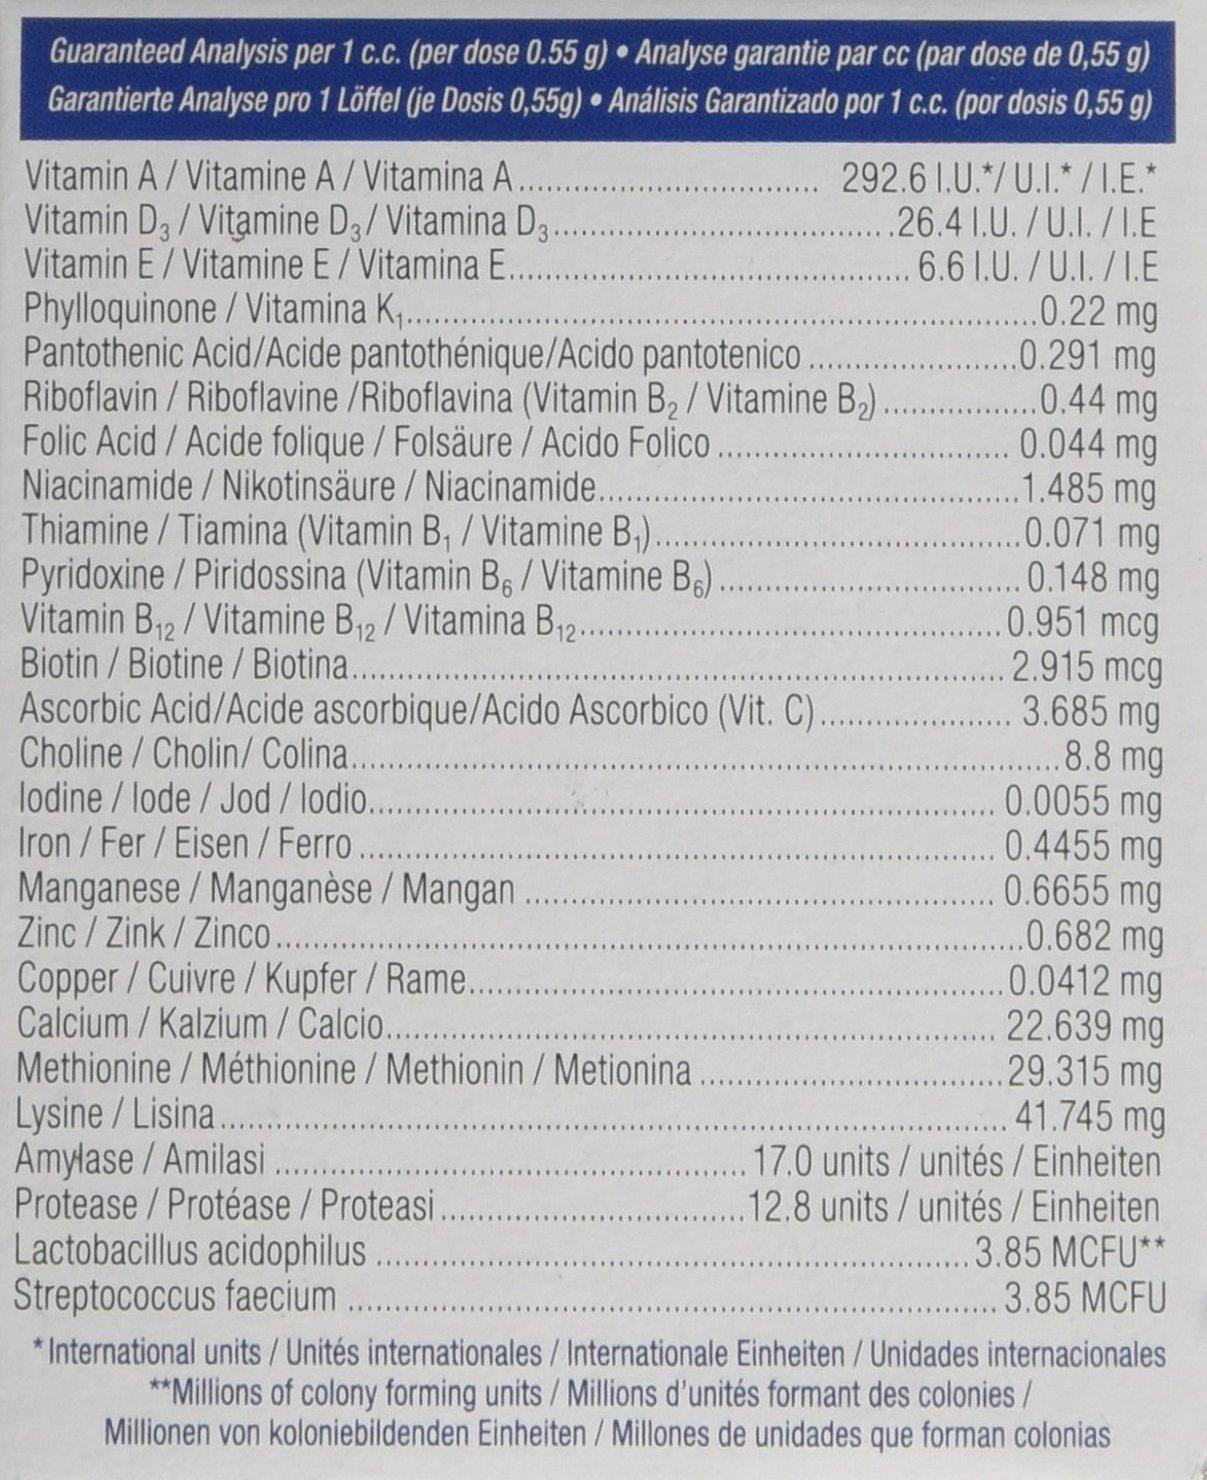 Hari Prime Vitamin Supplement - 60 g (2.1 oz) 82105